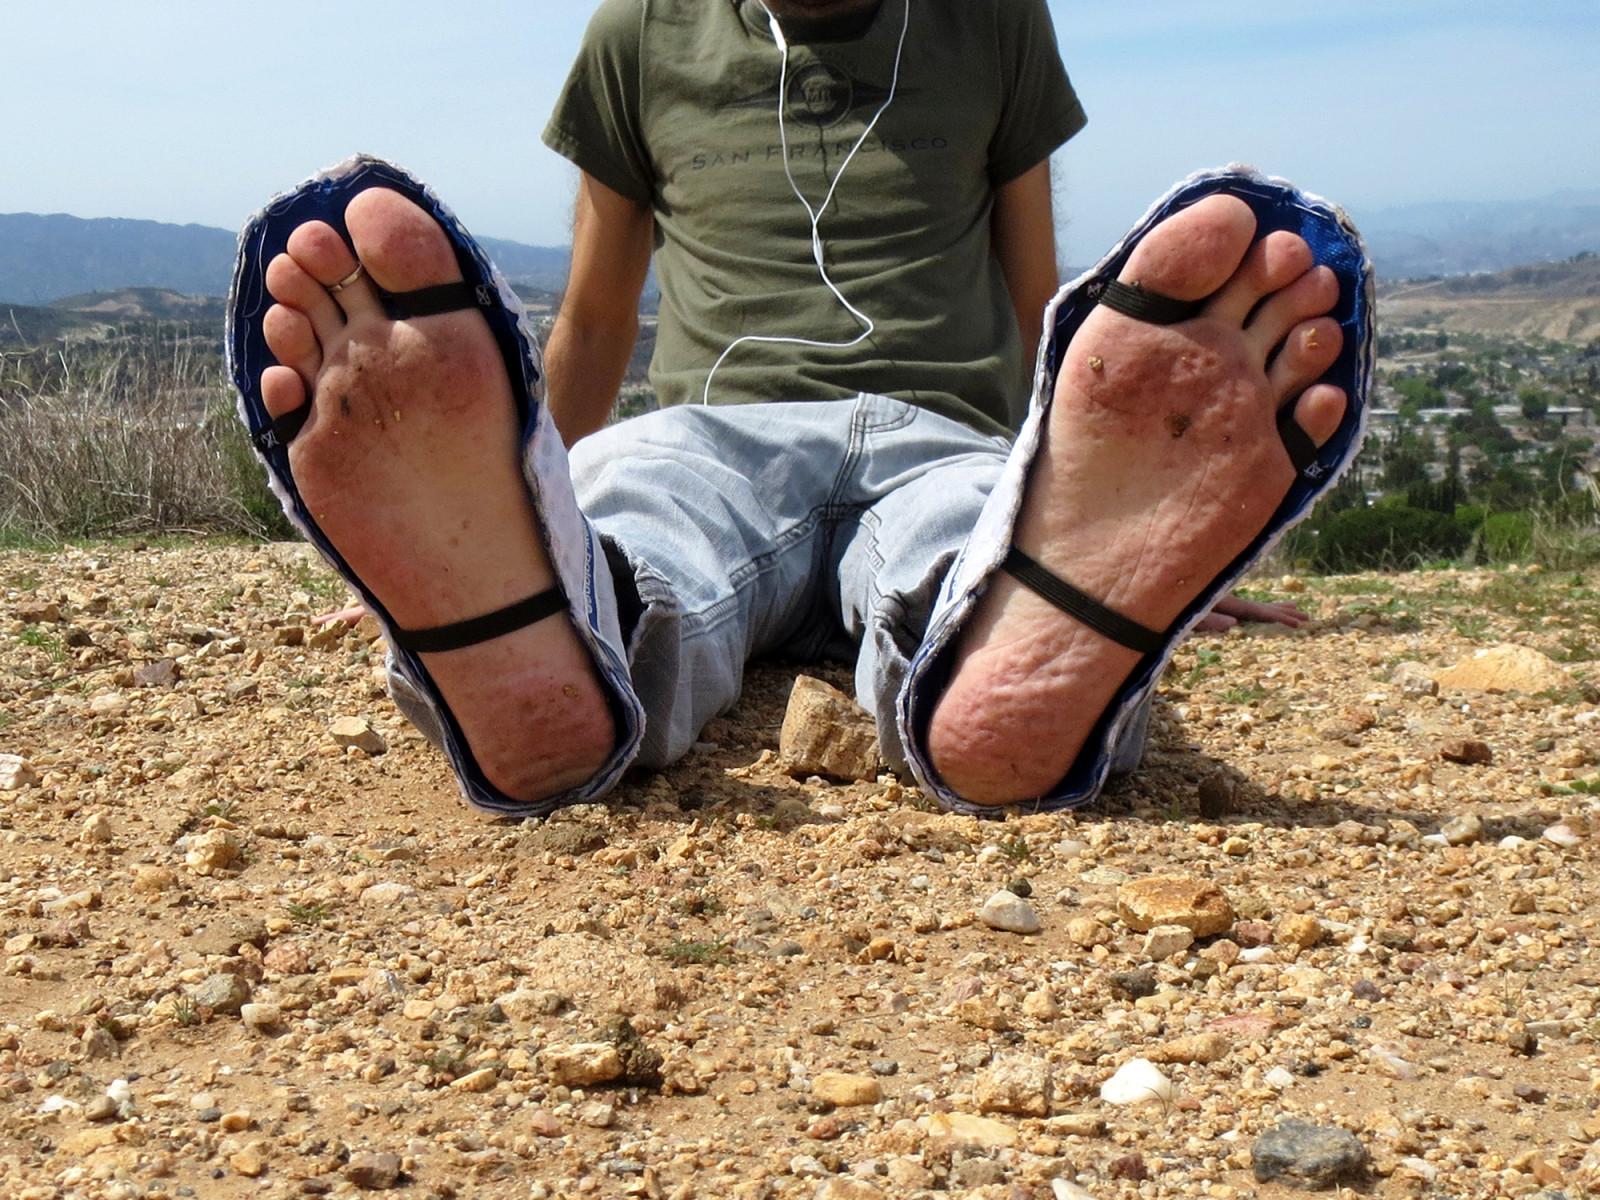 босые мужские ноги - 1